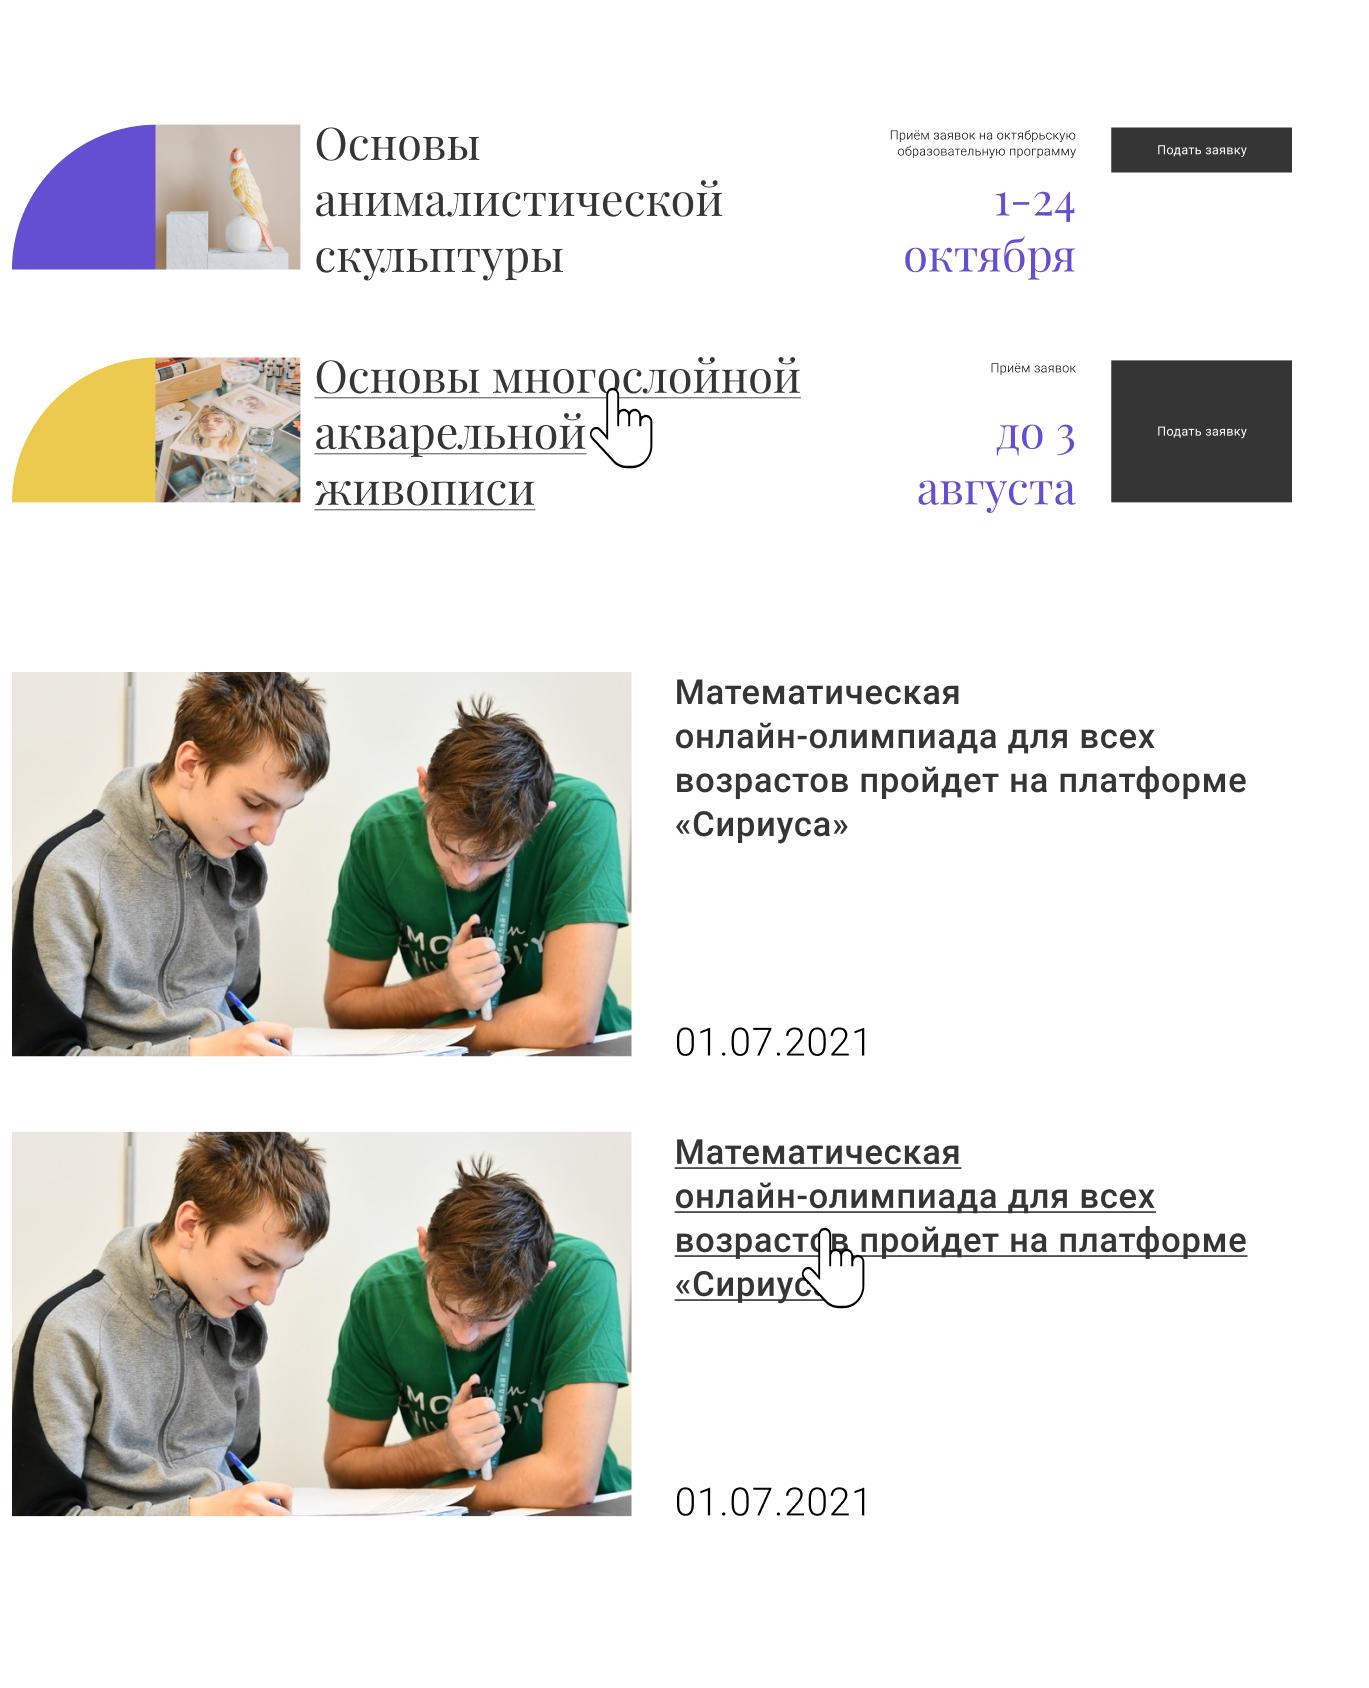 Редизайн главной страницы сайта образовательного центра «Сириус» 7